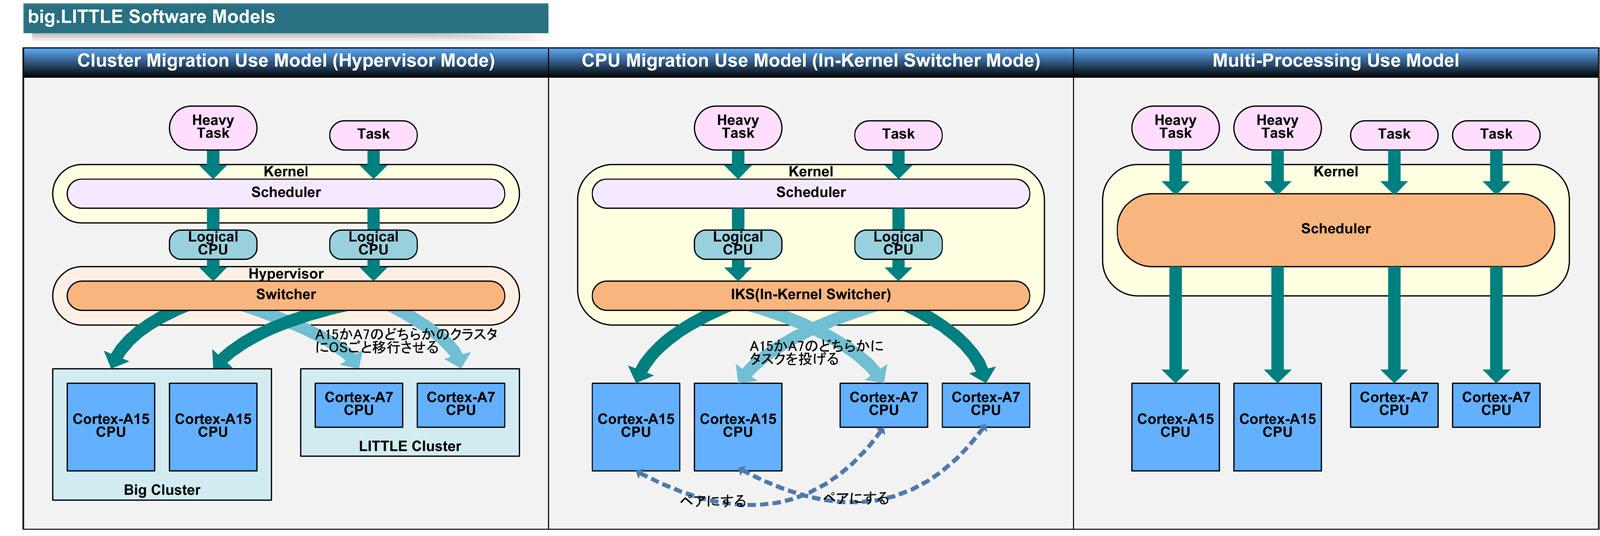 """インカーネルスイッチャ(IKS)とMP(PDF版は<span class=""""img-inline raw""""><a href=""""/video/pcw/docs/600/181/p18.pdf"""" ipw_status=""""1"""" ipw_linktype=""""filelink_raw"""" class=""""resource"""">こちら</a></span>)"""